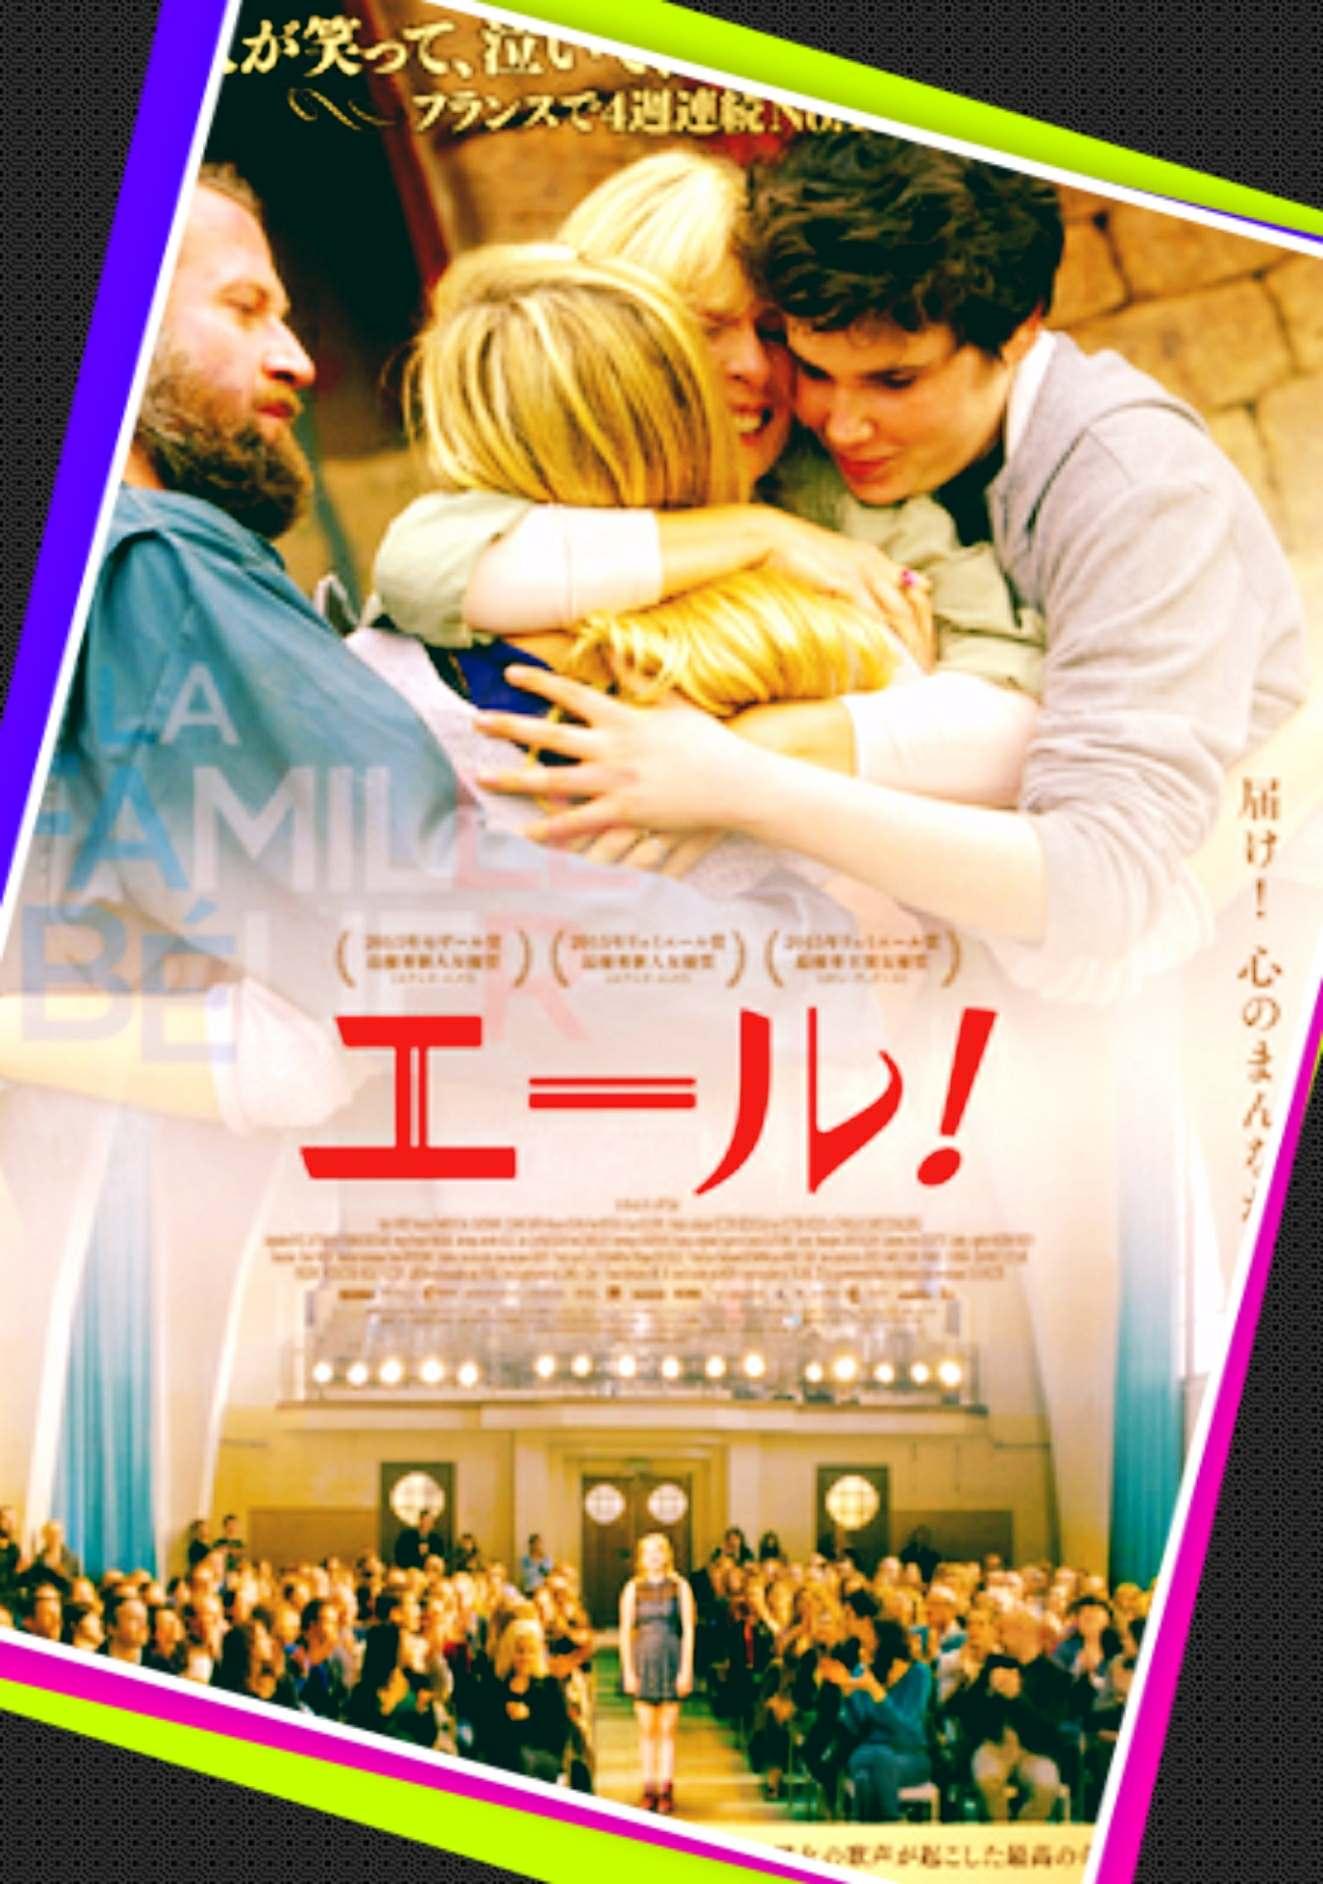 フランスで大ヒット!笑って泣ける家族の物語/フランス映画『エール』